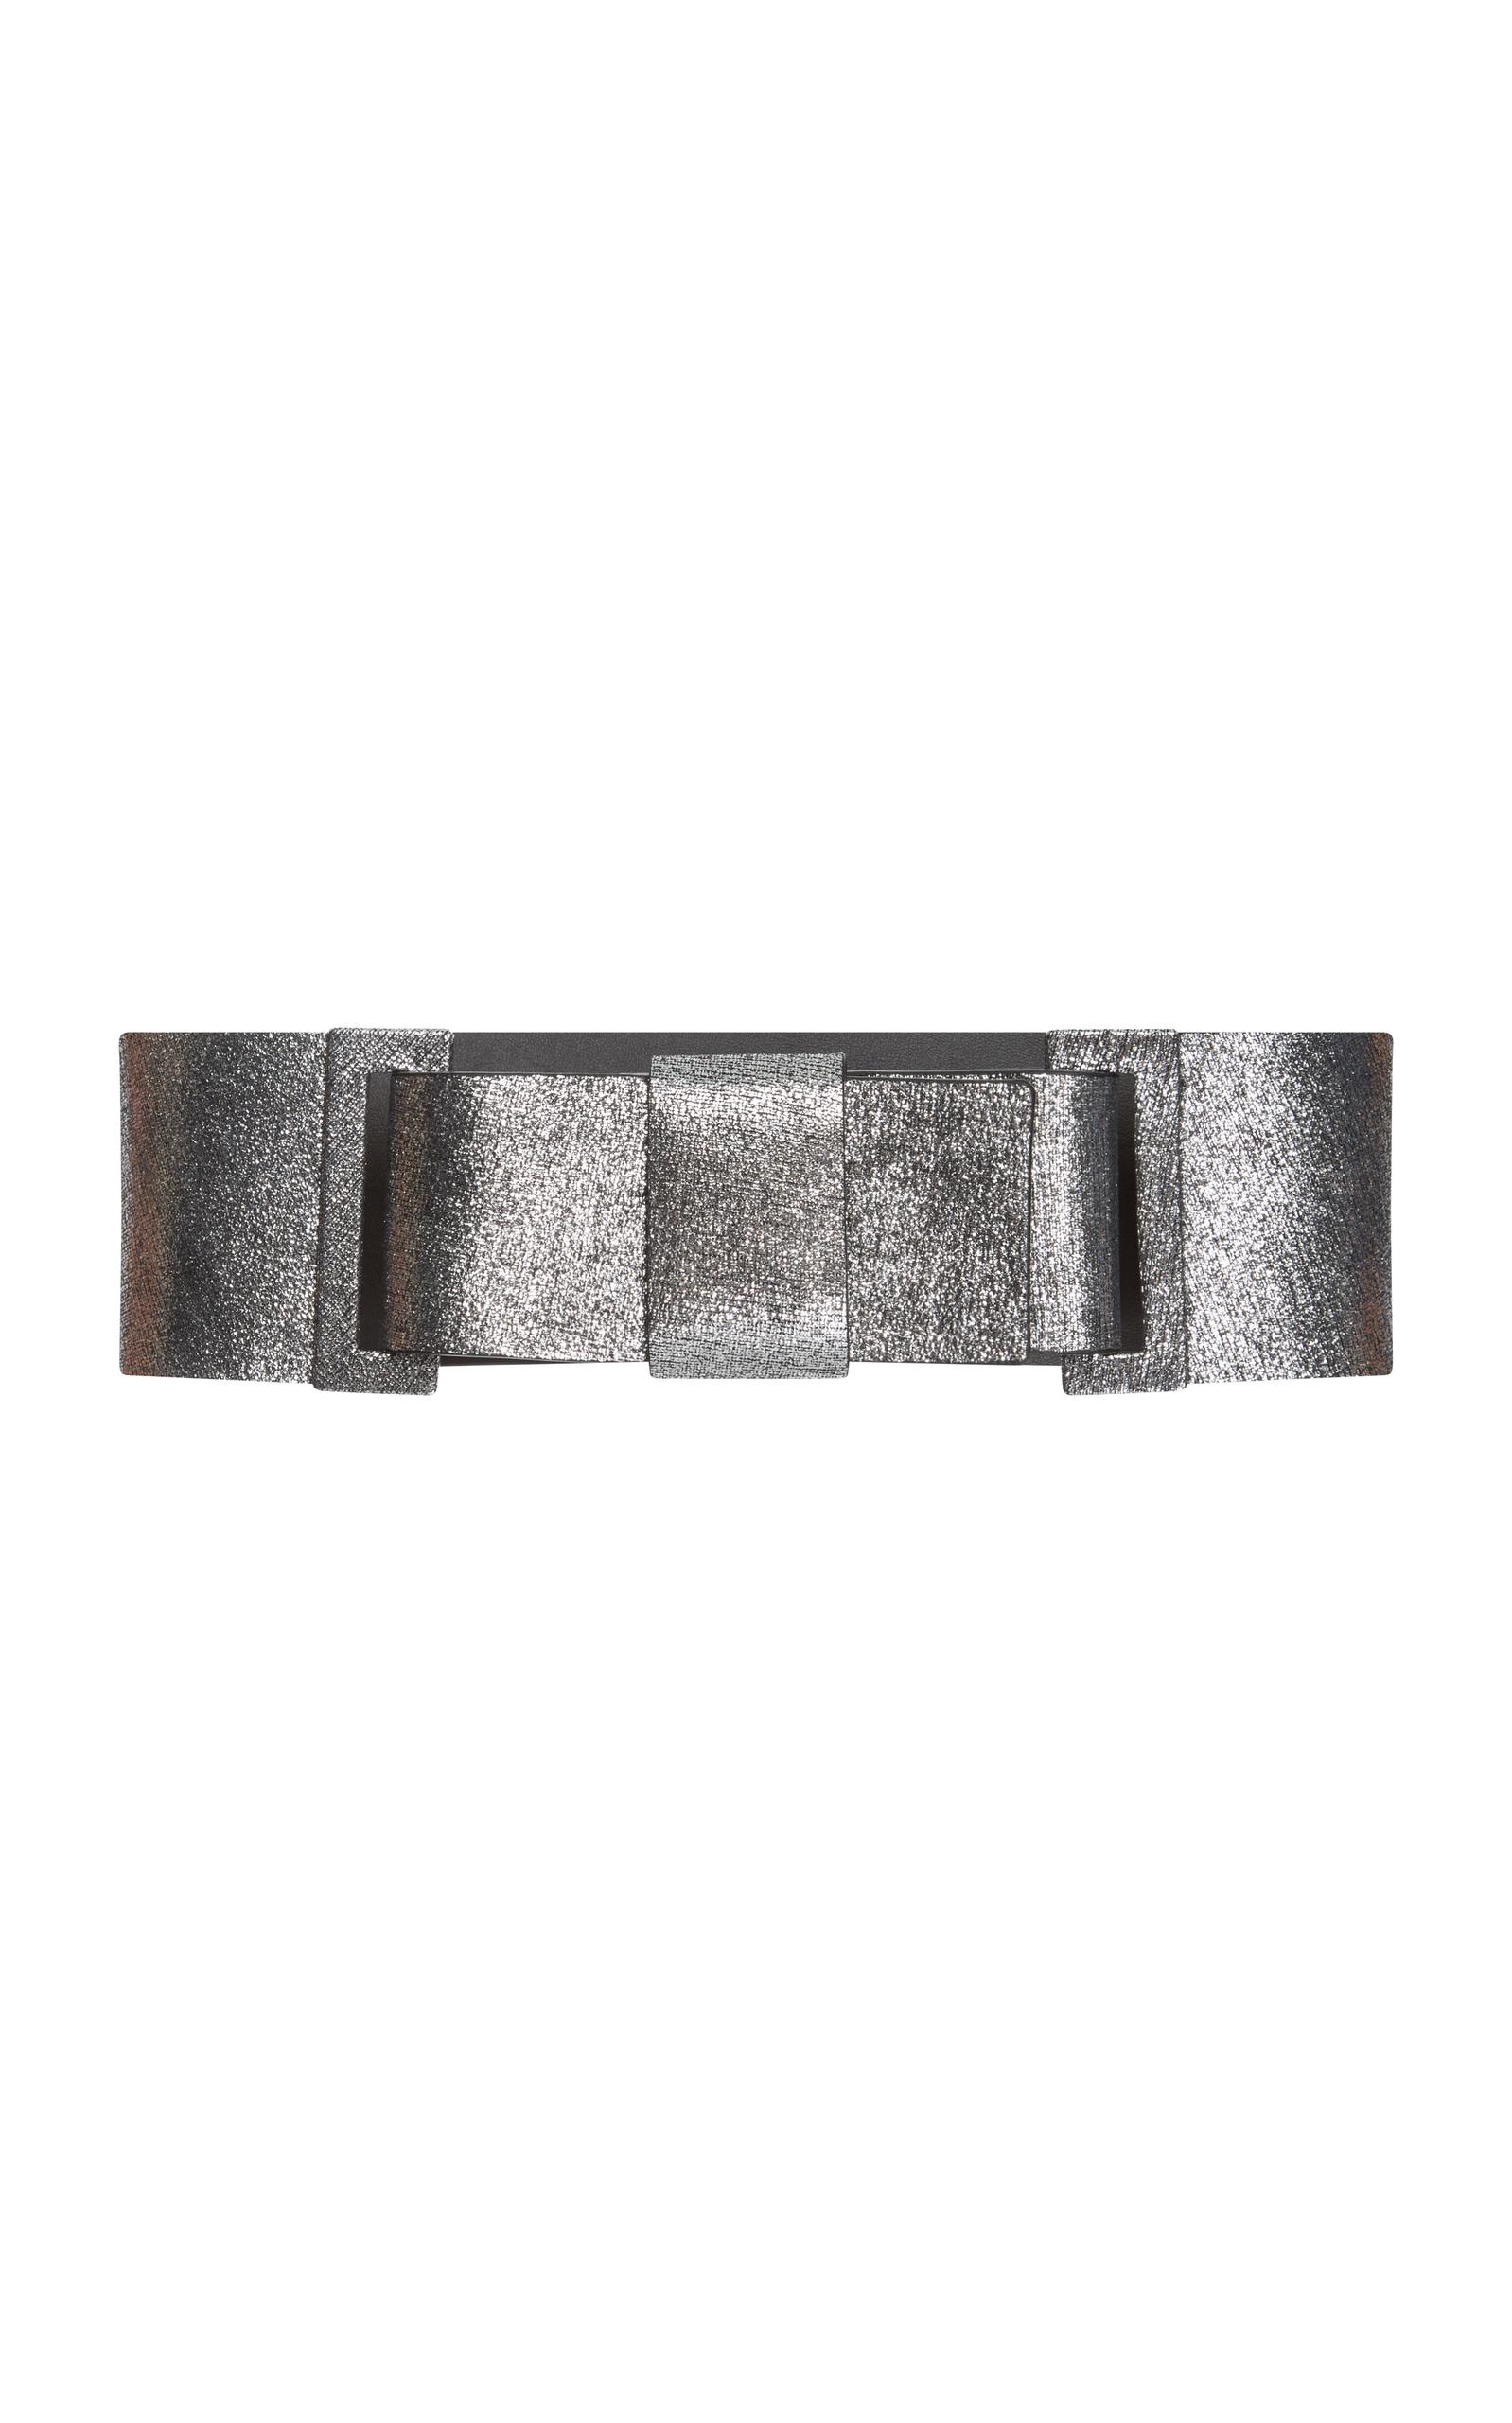 Embellished Leather Belt Marni ger2j07qg